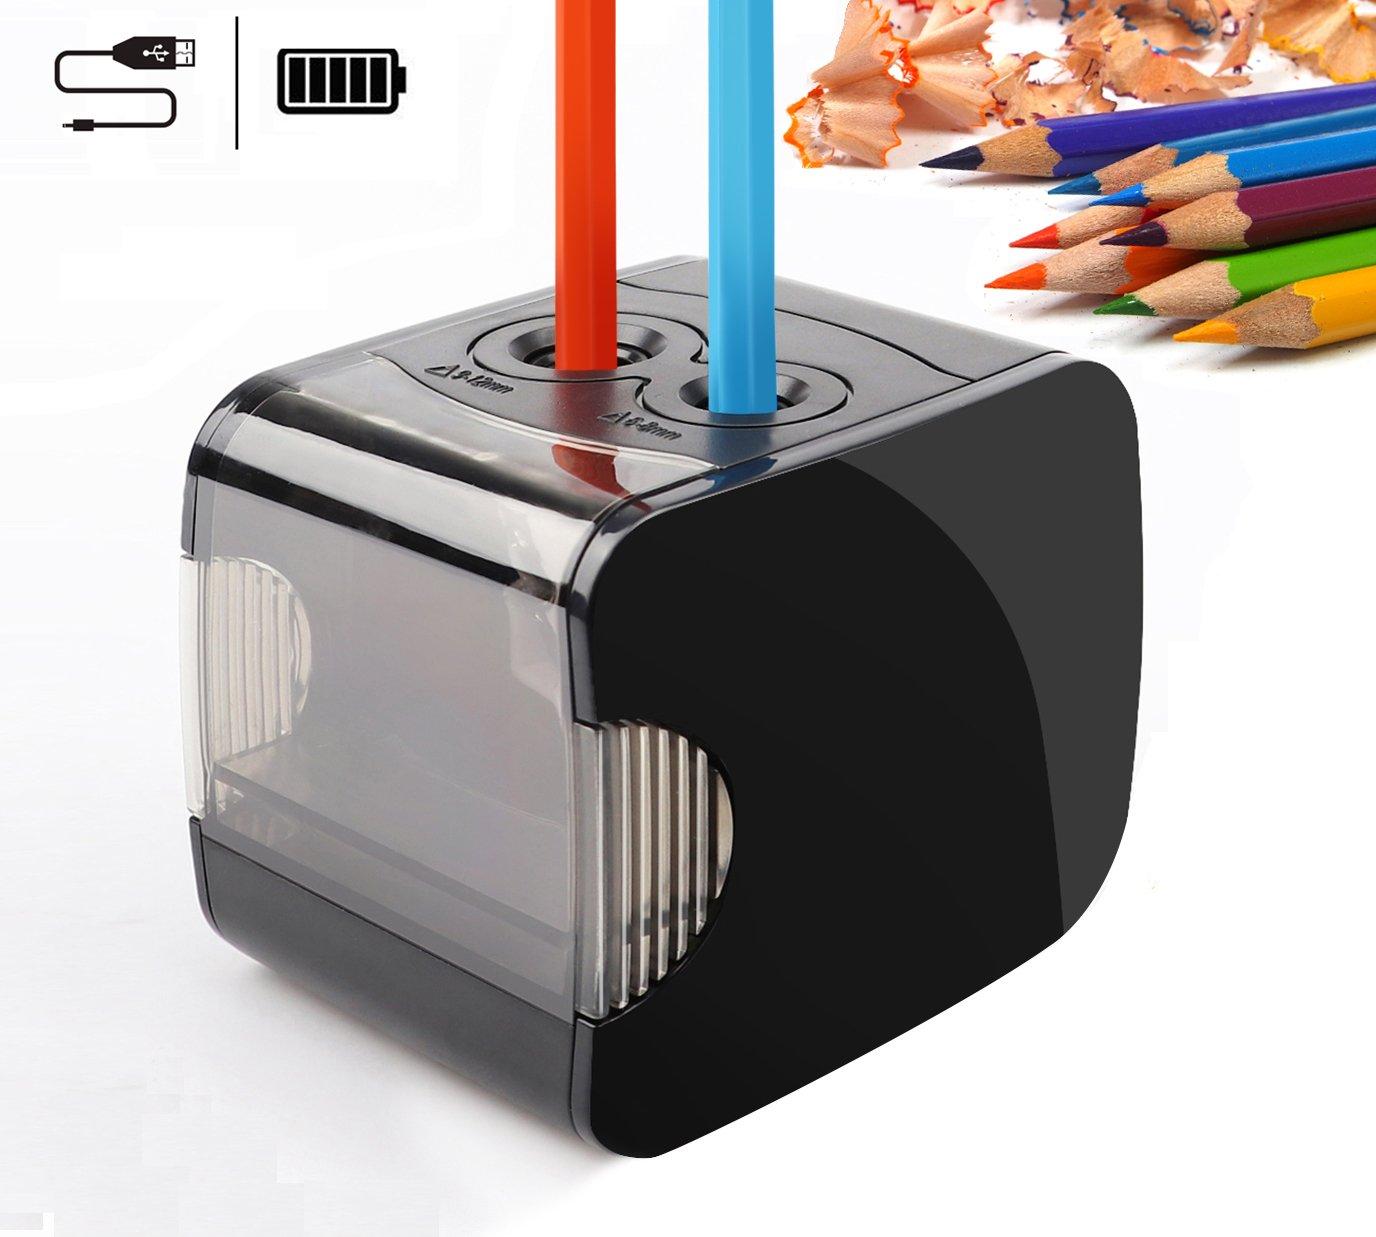 Temperamatite elettrico con funzione di auto, Qhui batteria e USB alimentato a 2 fori Heavy Dudy temperamatite, perfetto per No. 2 e matite colorate da usare a casa e ufficio (nero) (Temperamatite elettrico-01)